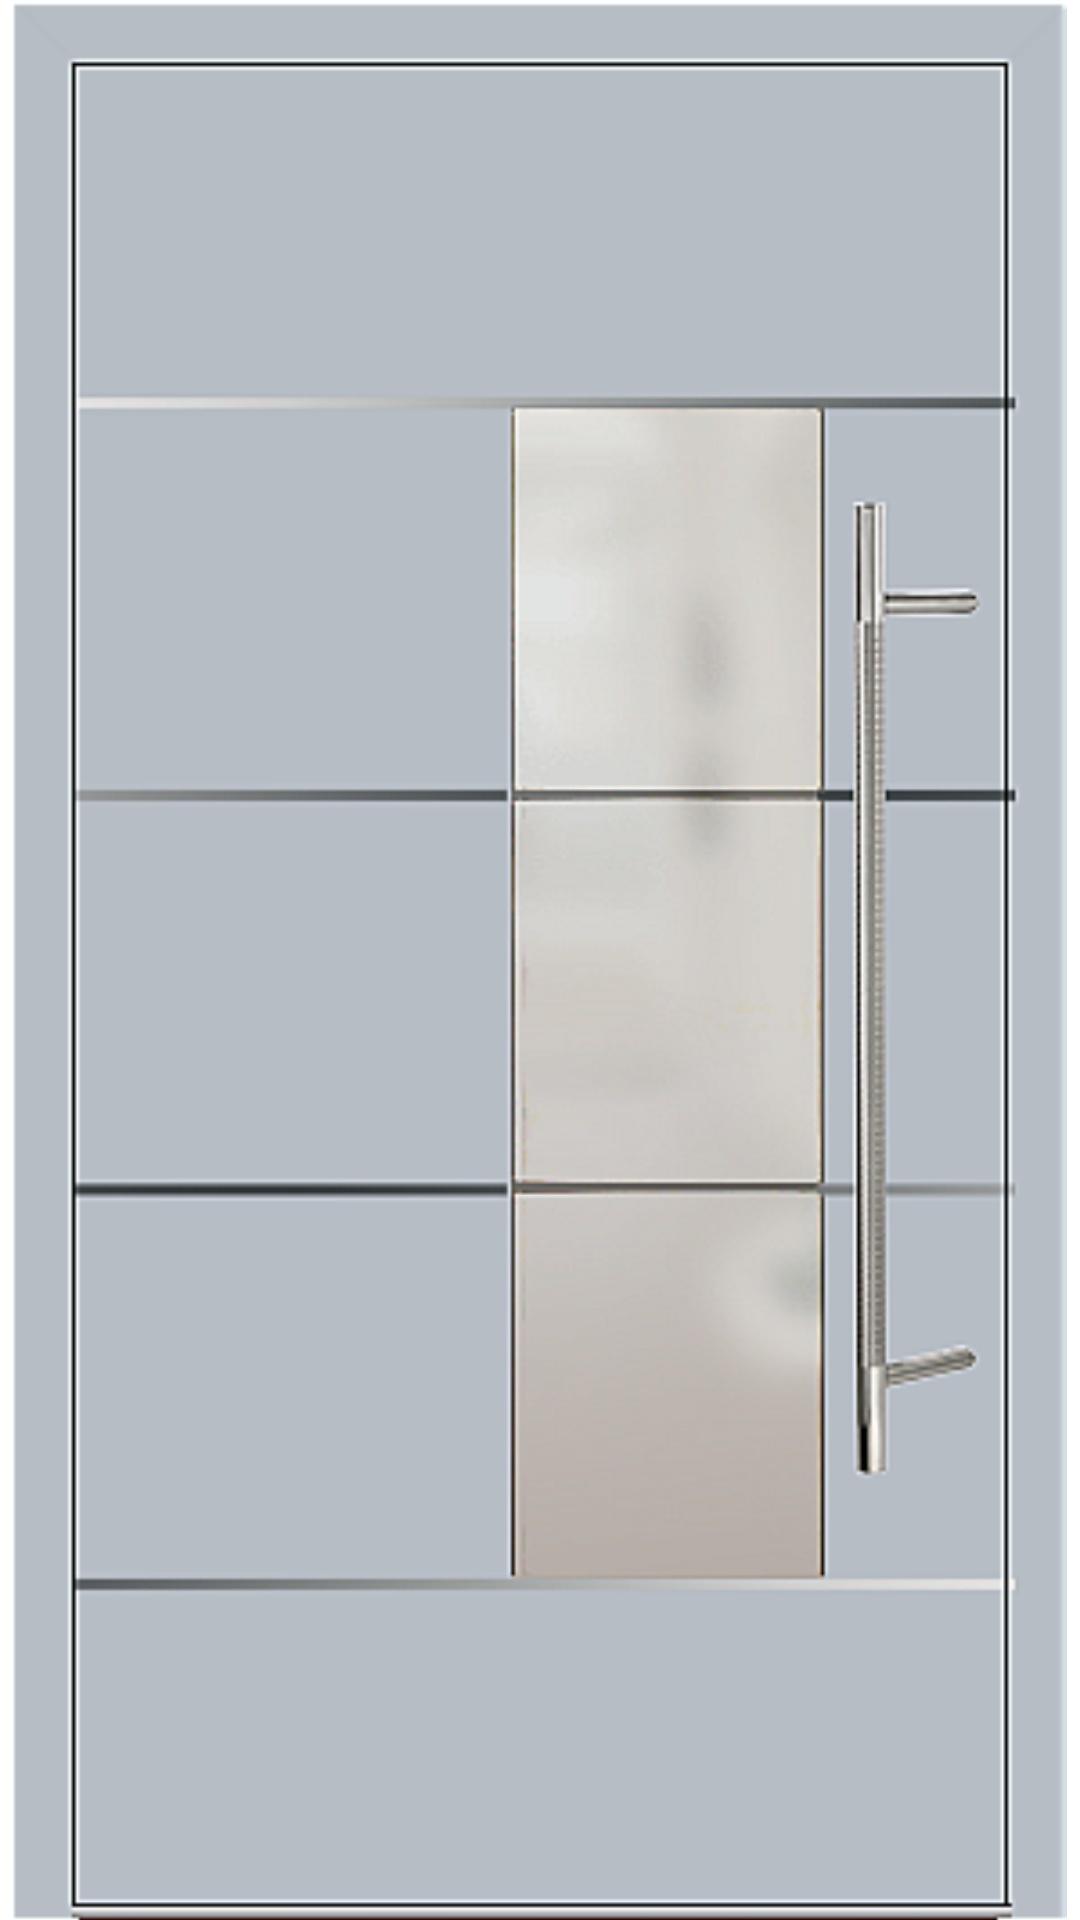 Kunststoff Haustür Modell 6878-54 silbergrau